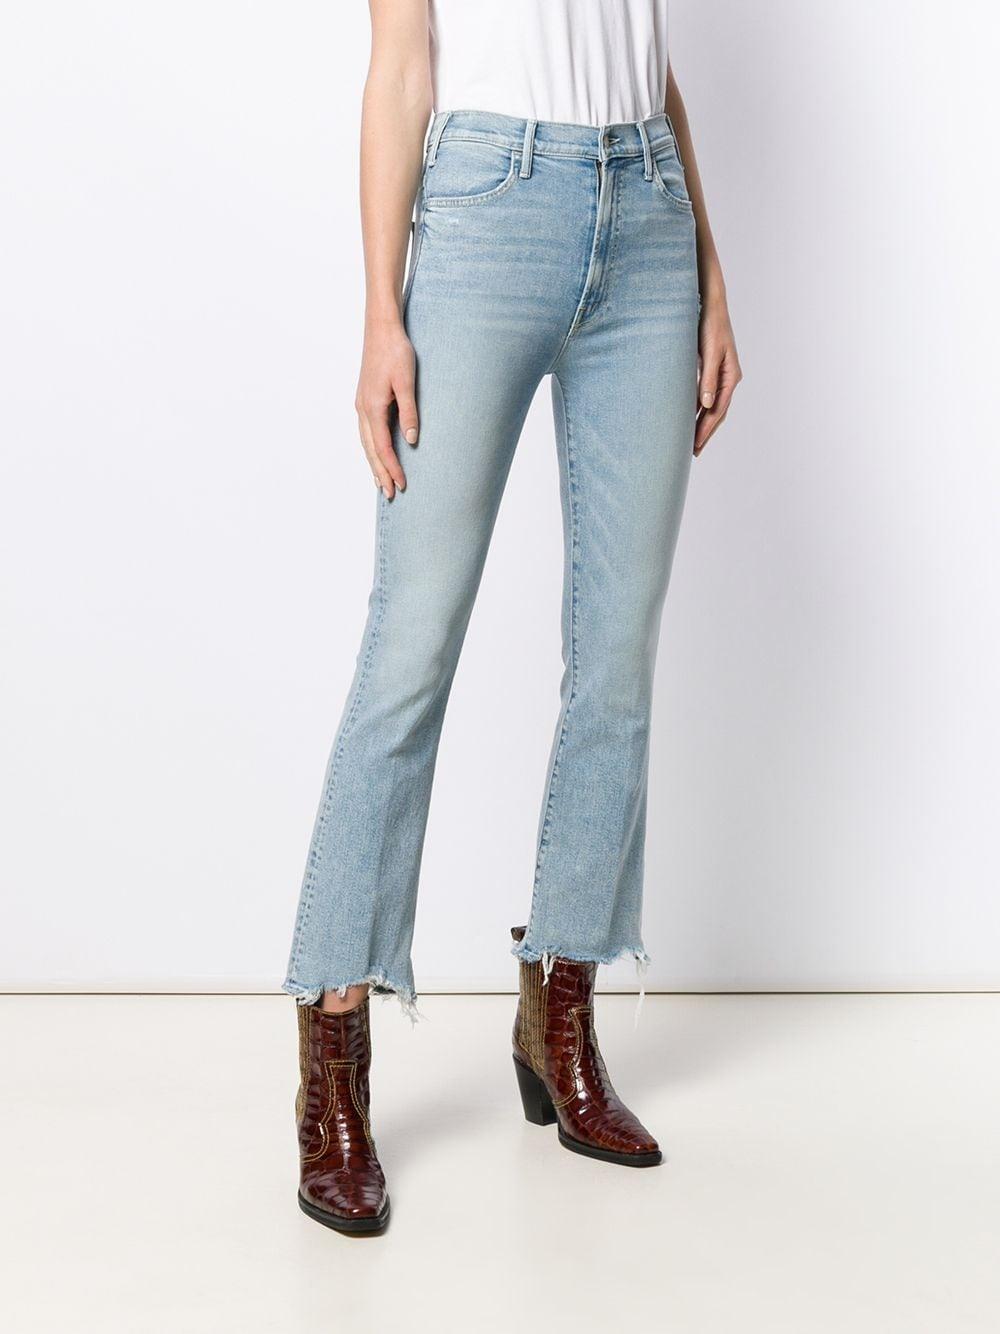 Как обрезать джинсы | как подшить джинсы с сохранением фабричного шва